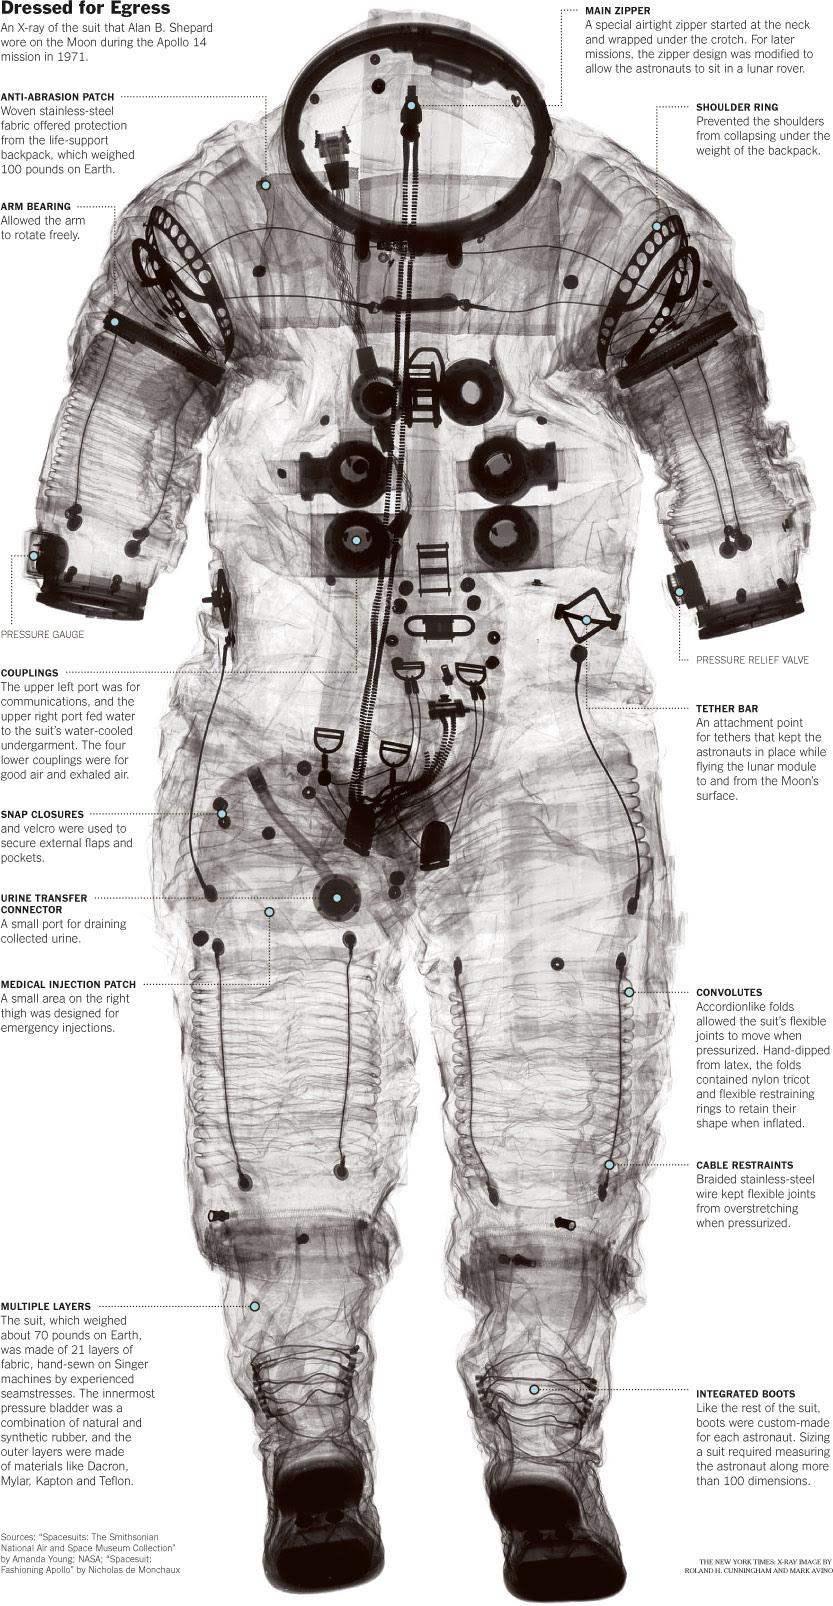 traje espacial, space suite, Apolo 14, ropa astronauta